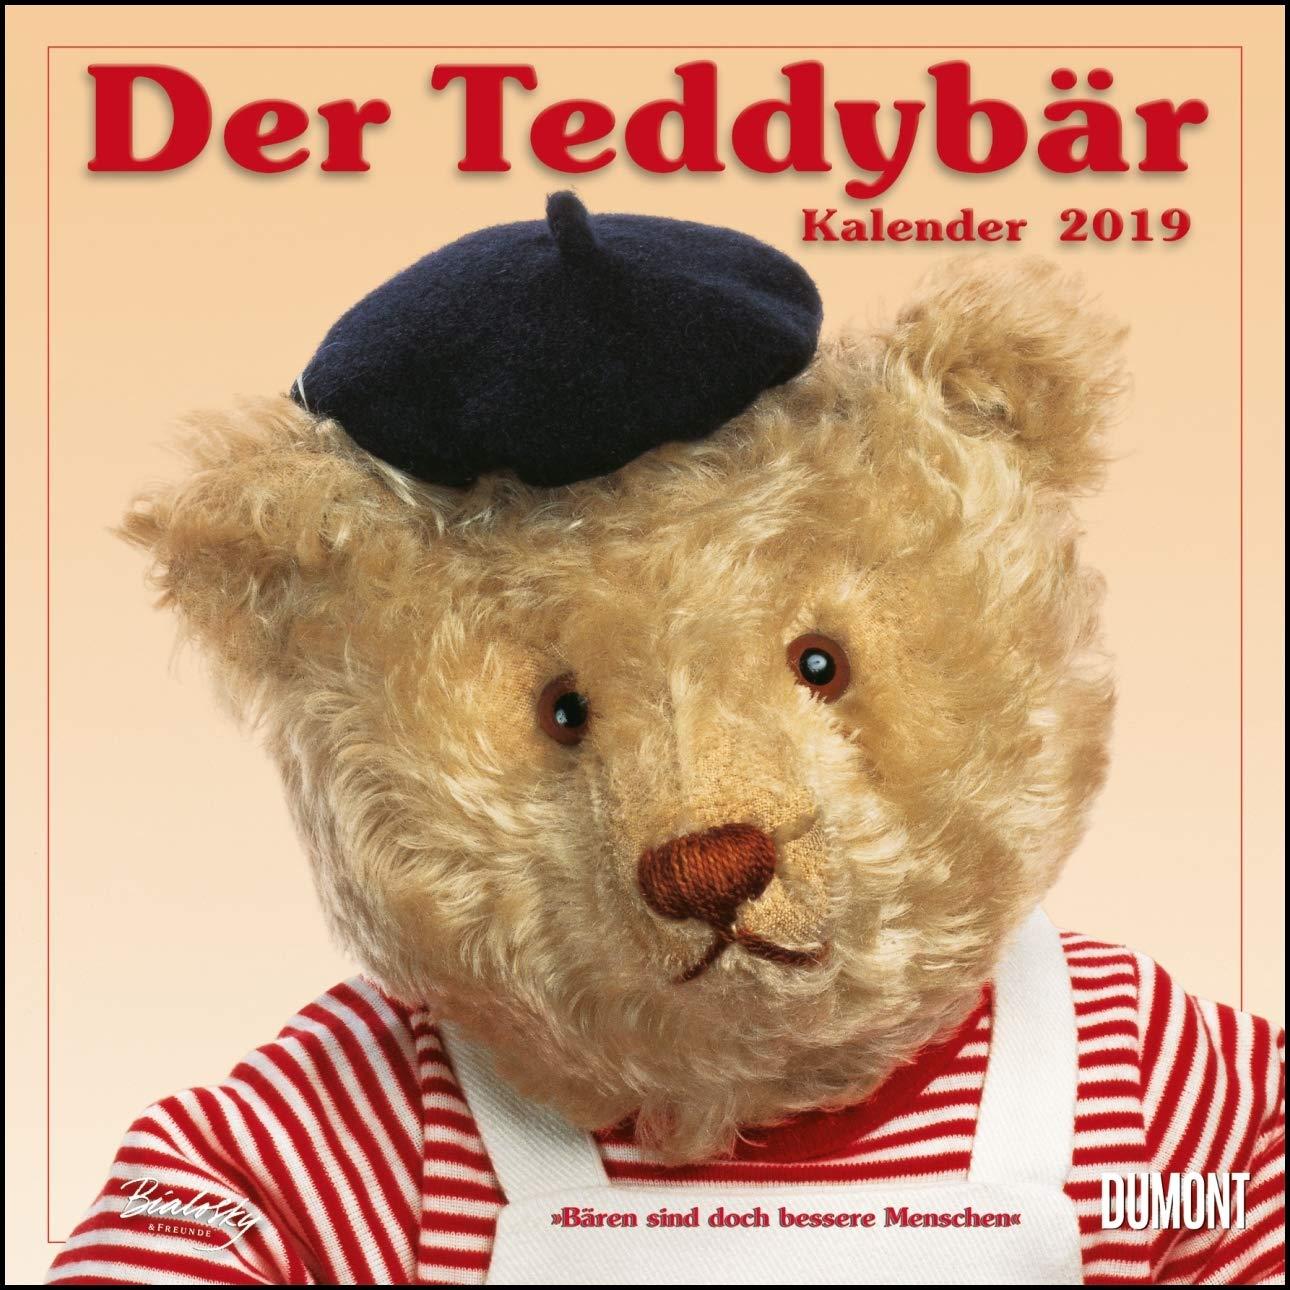 der-teddybr-2019-broschrenkalender-wandkalender-format-30-x-30-cm-bren-sind-doch-bessere-menschen